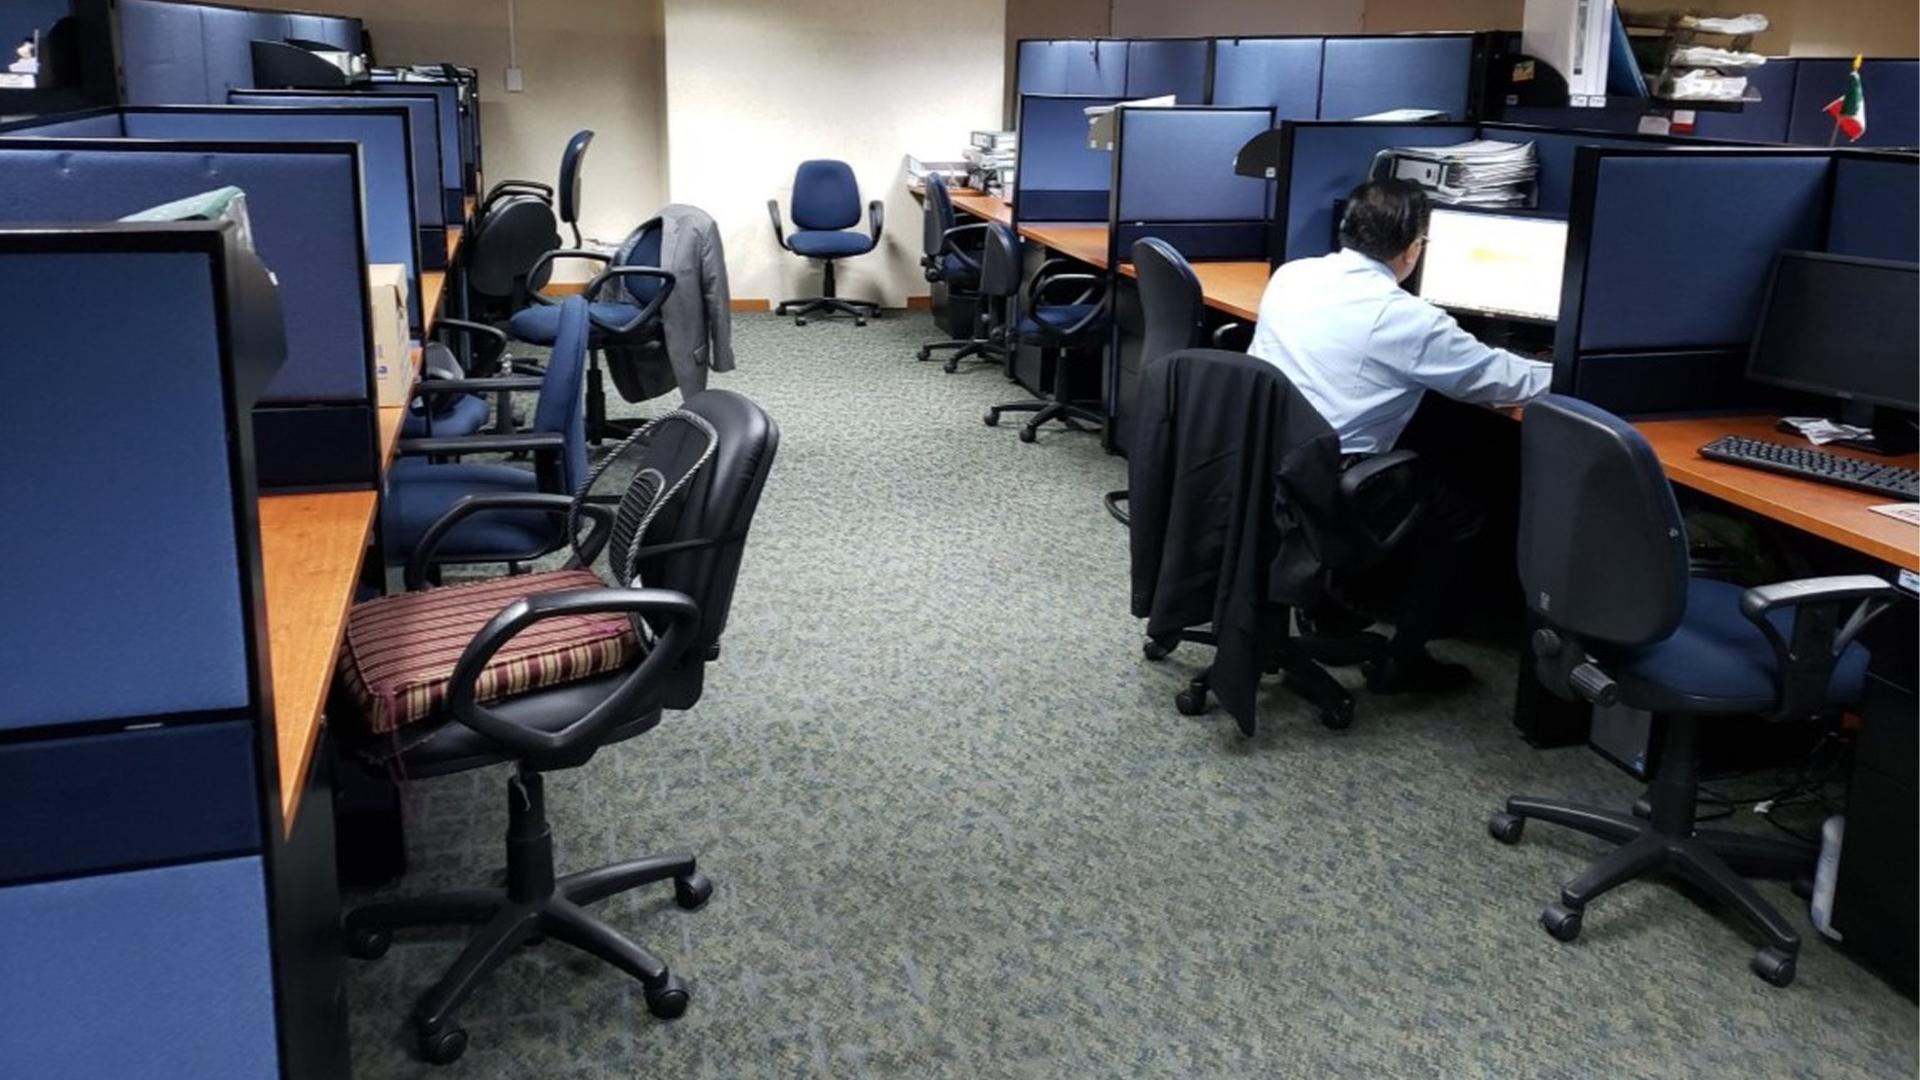 Muchos empleadores apoyaron a sus trabajadoras sin penalizar el que el día de hoy faltaran (Foto: Twitter@Oscar_Ricram)